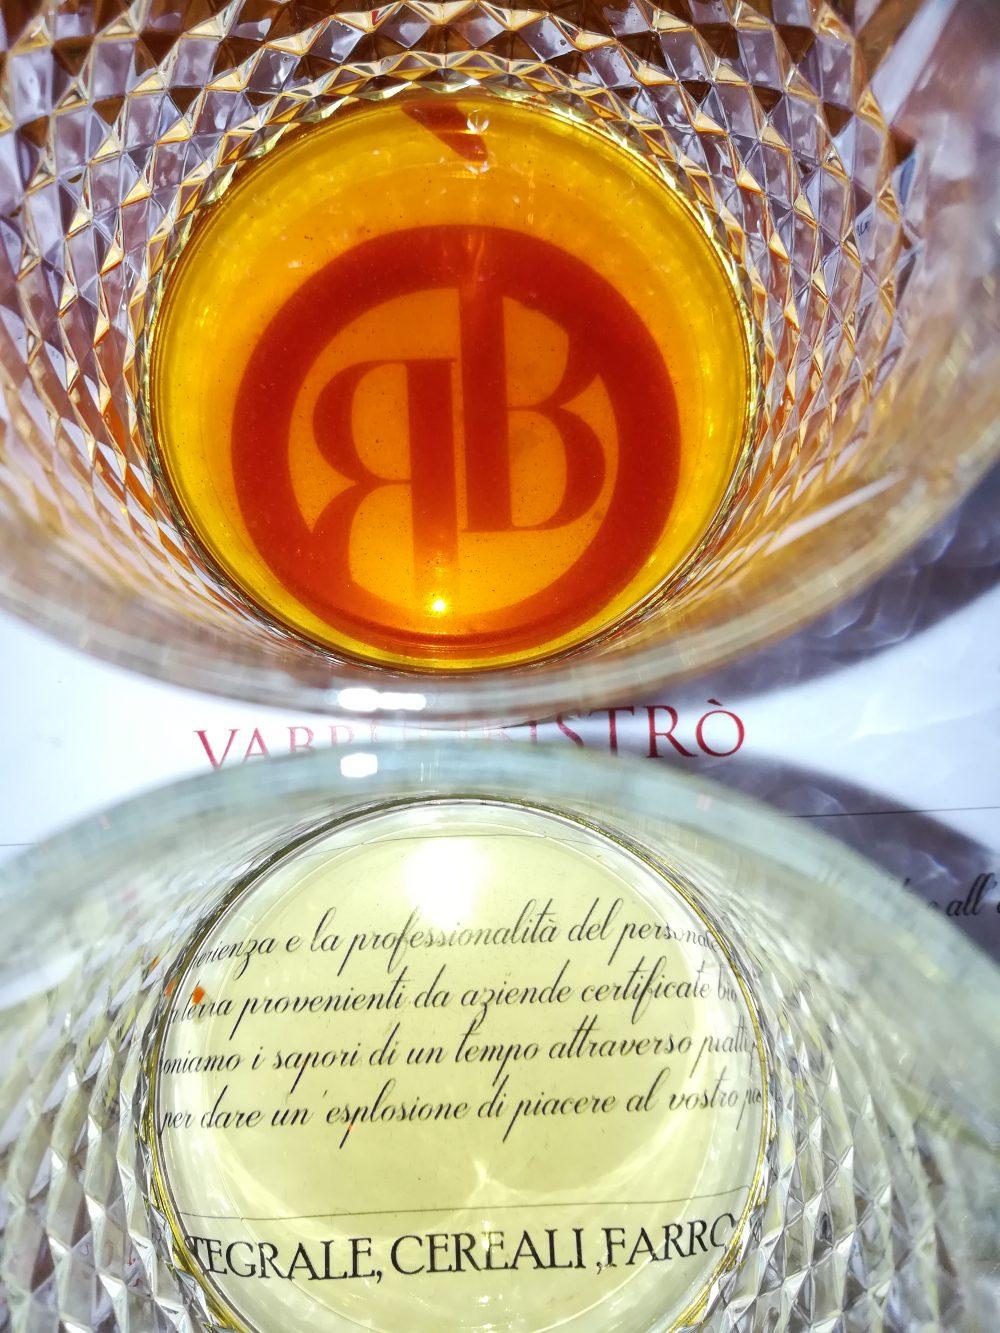 Vabbuo' Bistro' - I Rum Ex Salumeria